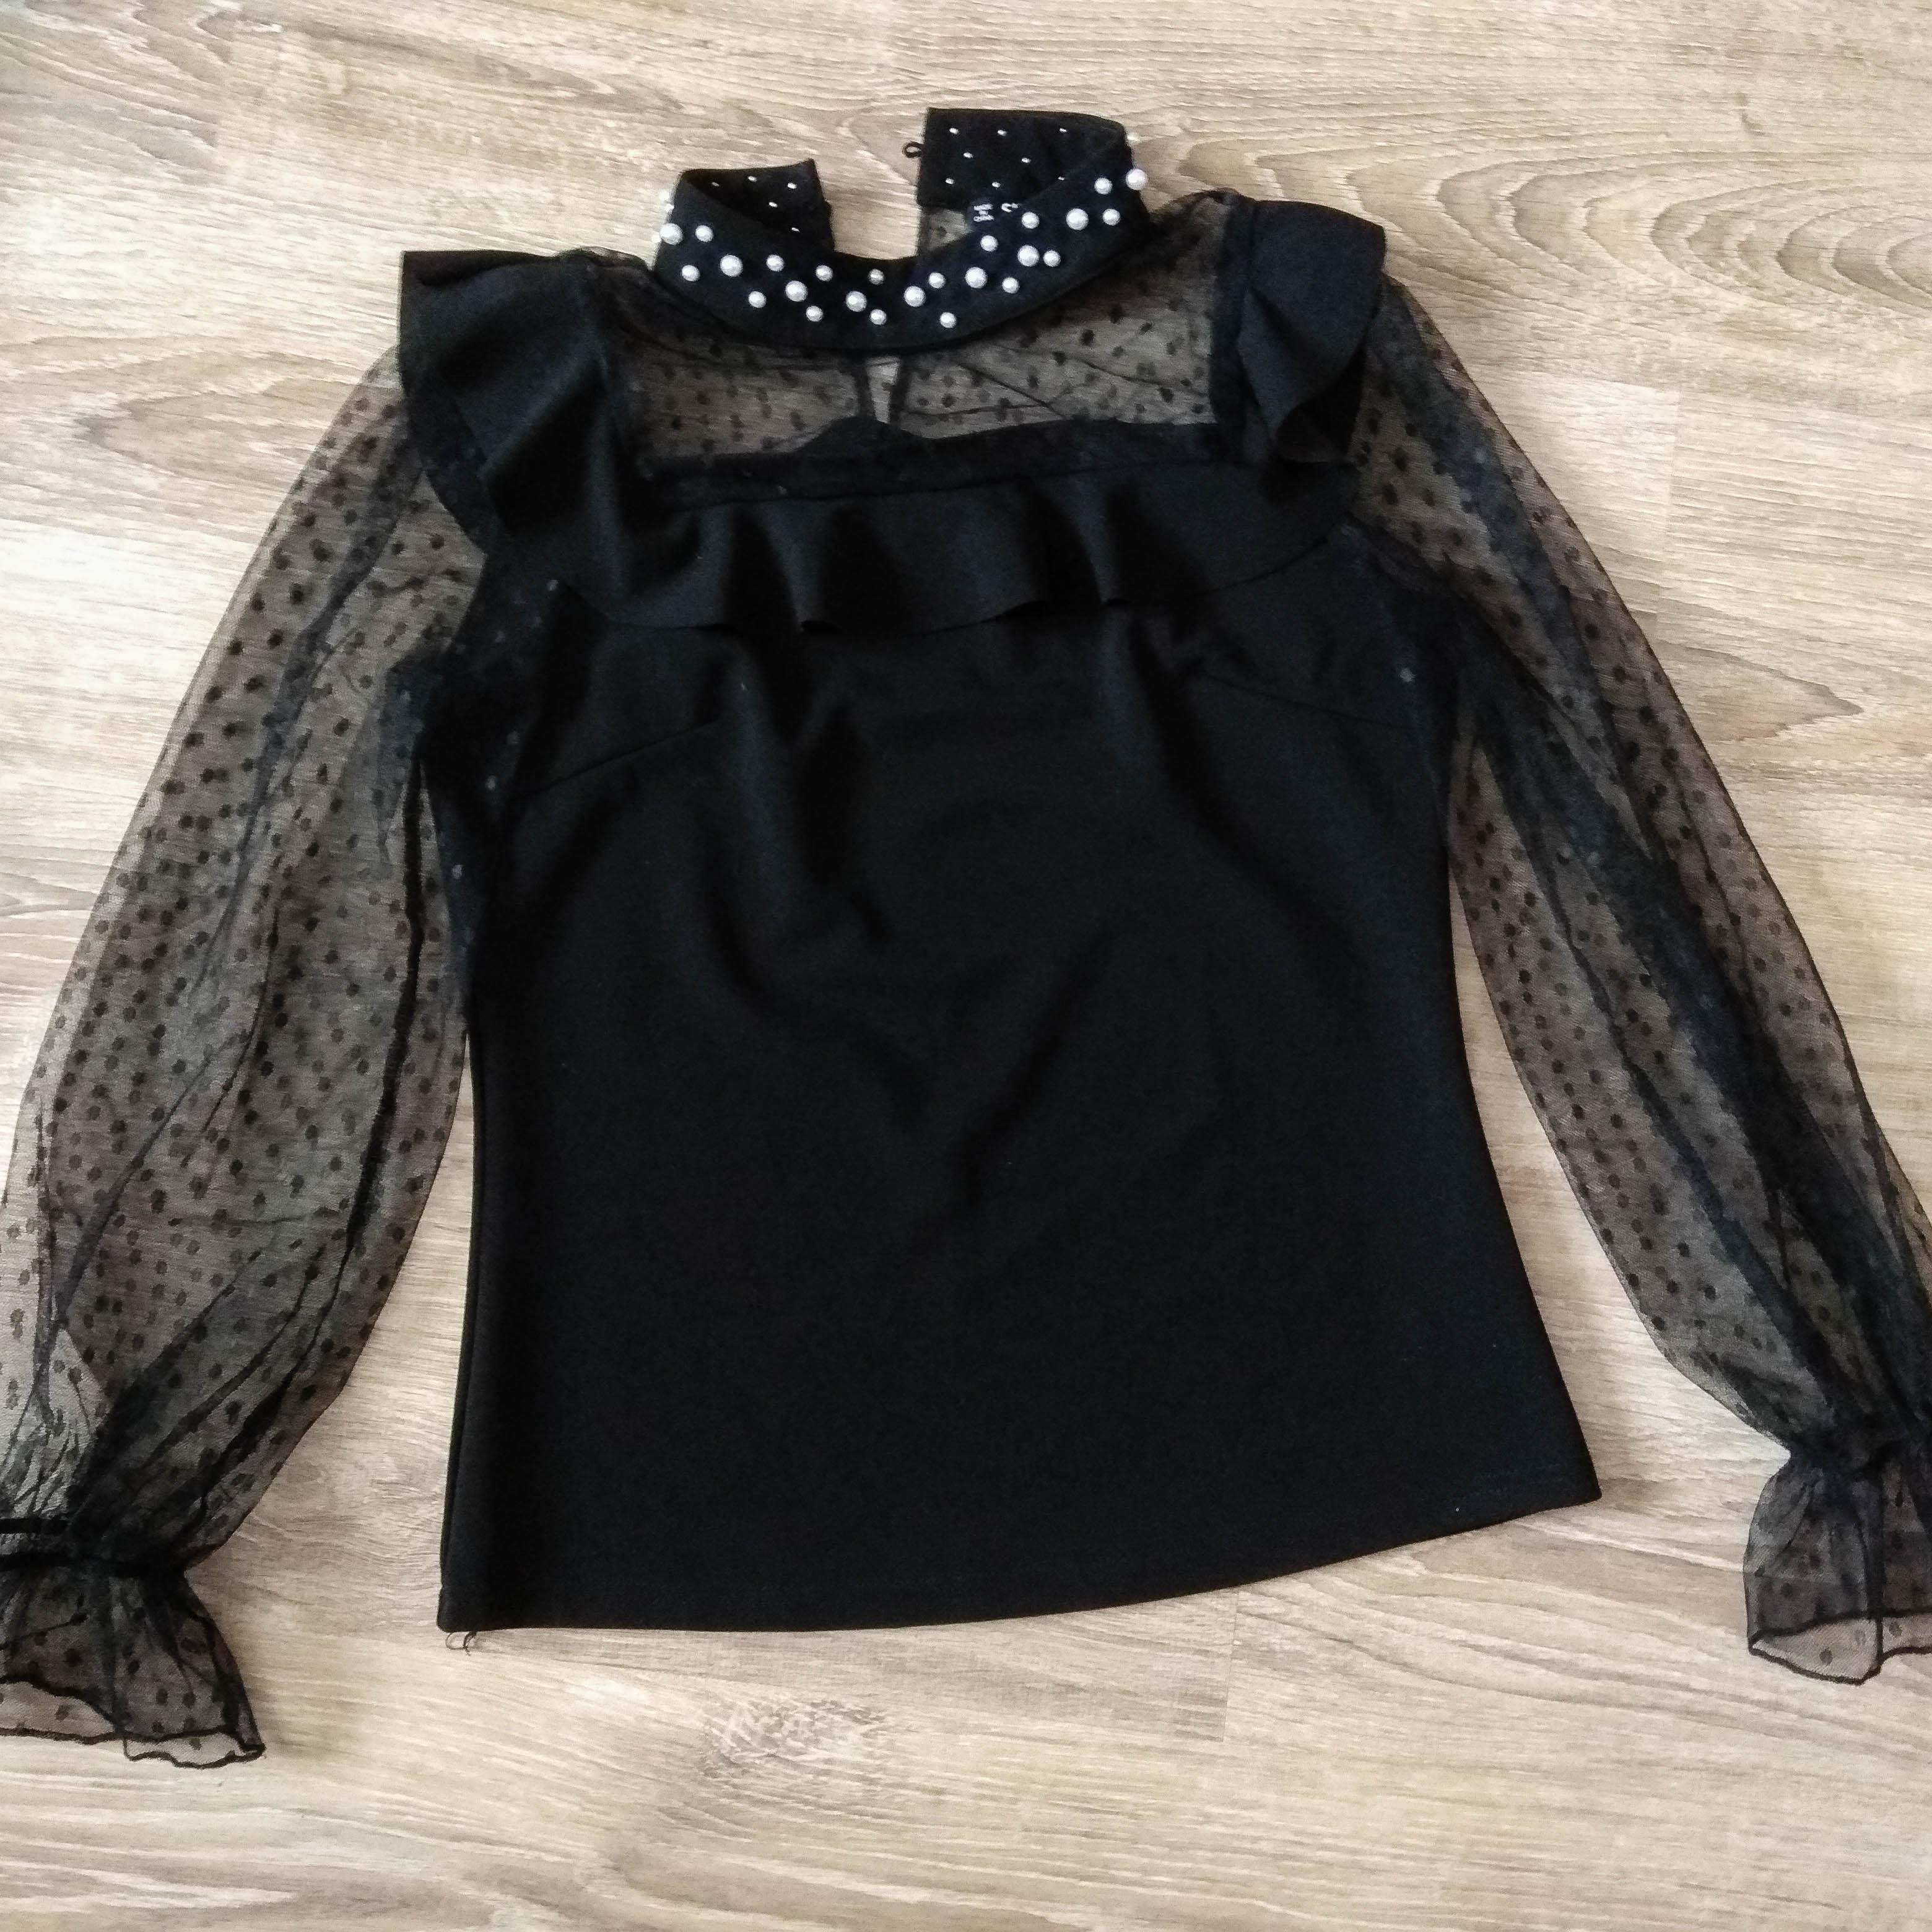 Стильная блузка Sheinside, скидка на любой товар из магазина